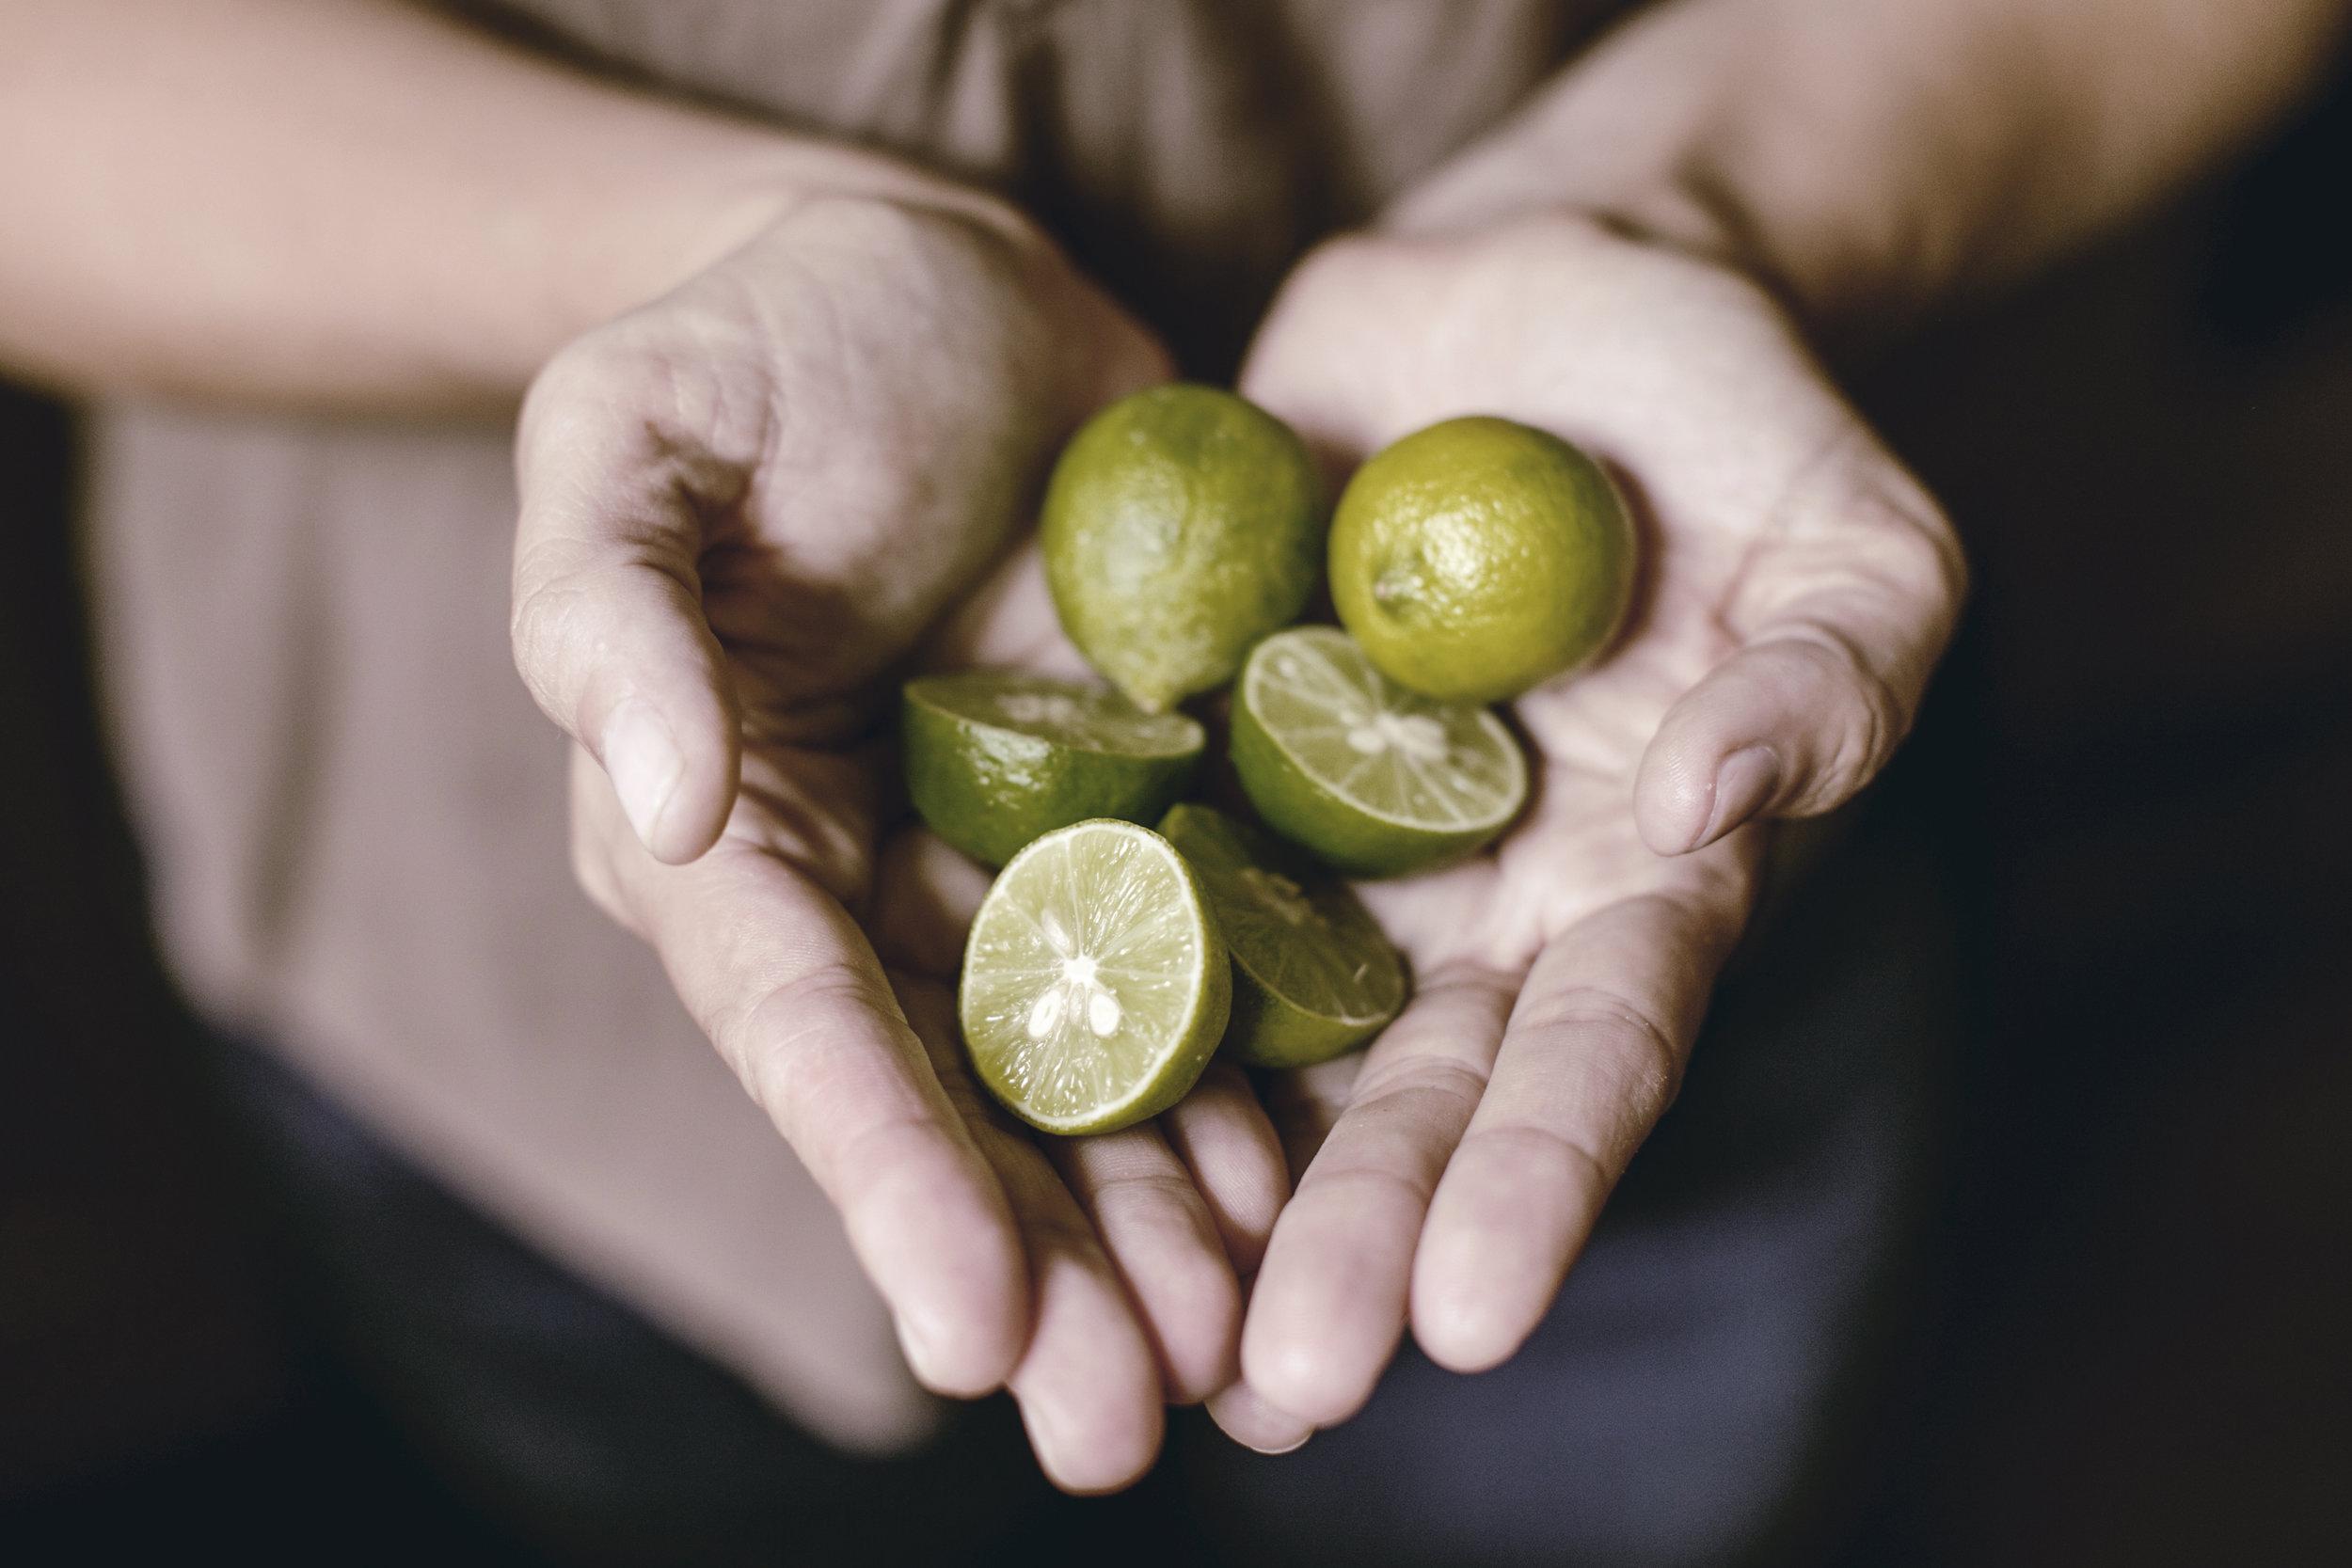 handful of fresh key limes / heirloomed